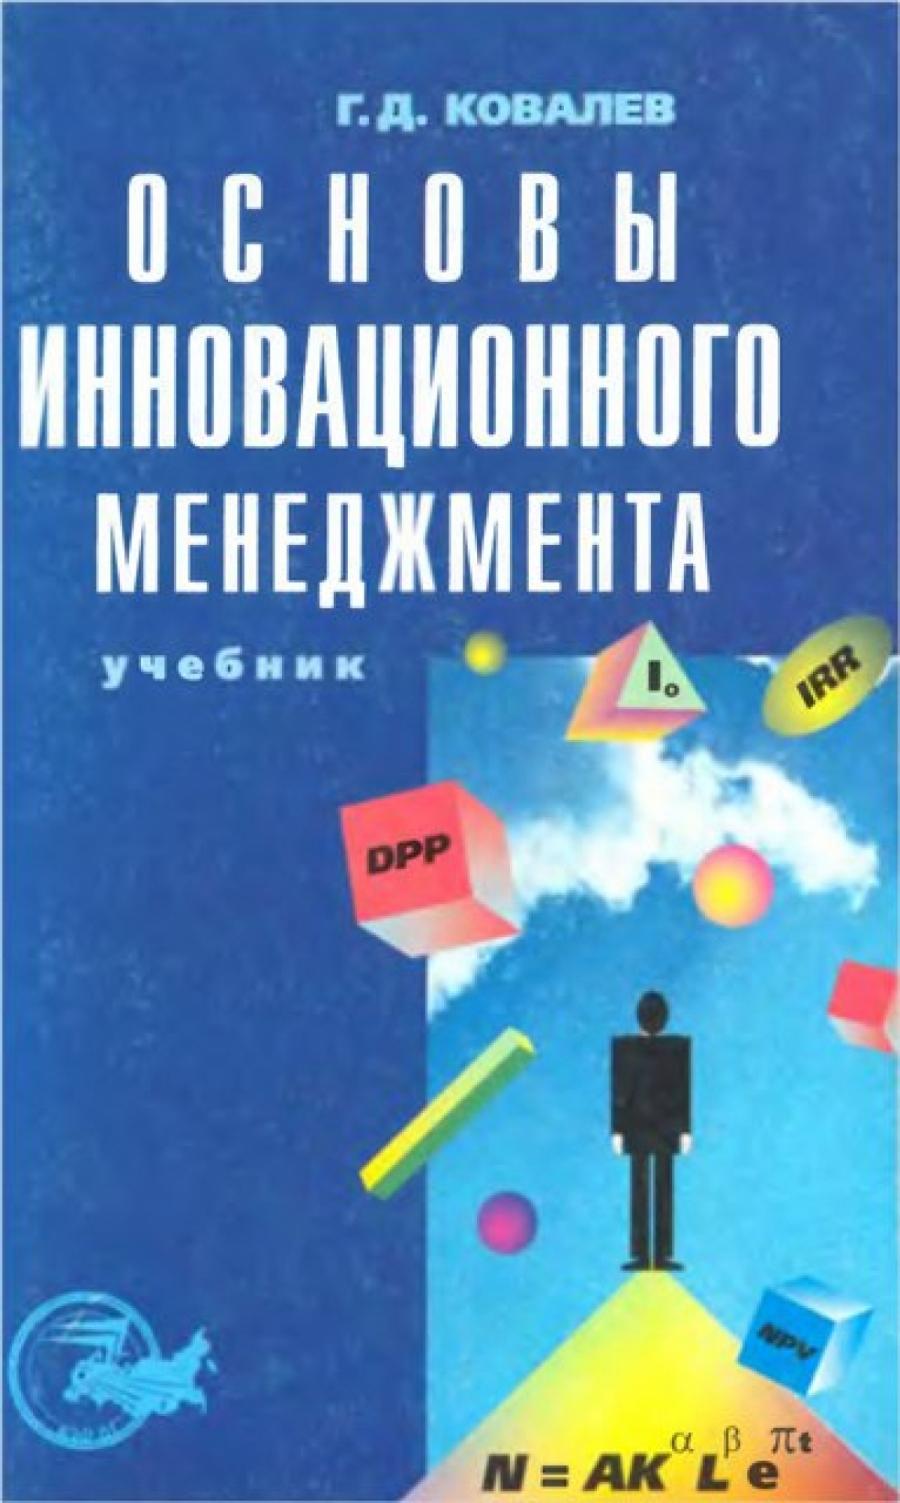 Обложка книги:  техн. образование - сачко н.с. - организация и операт. управление машиностр. пр-вом